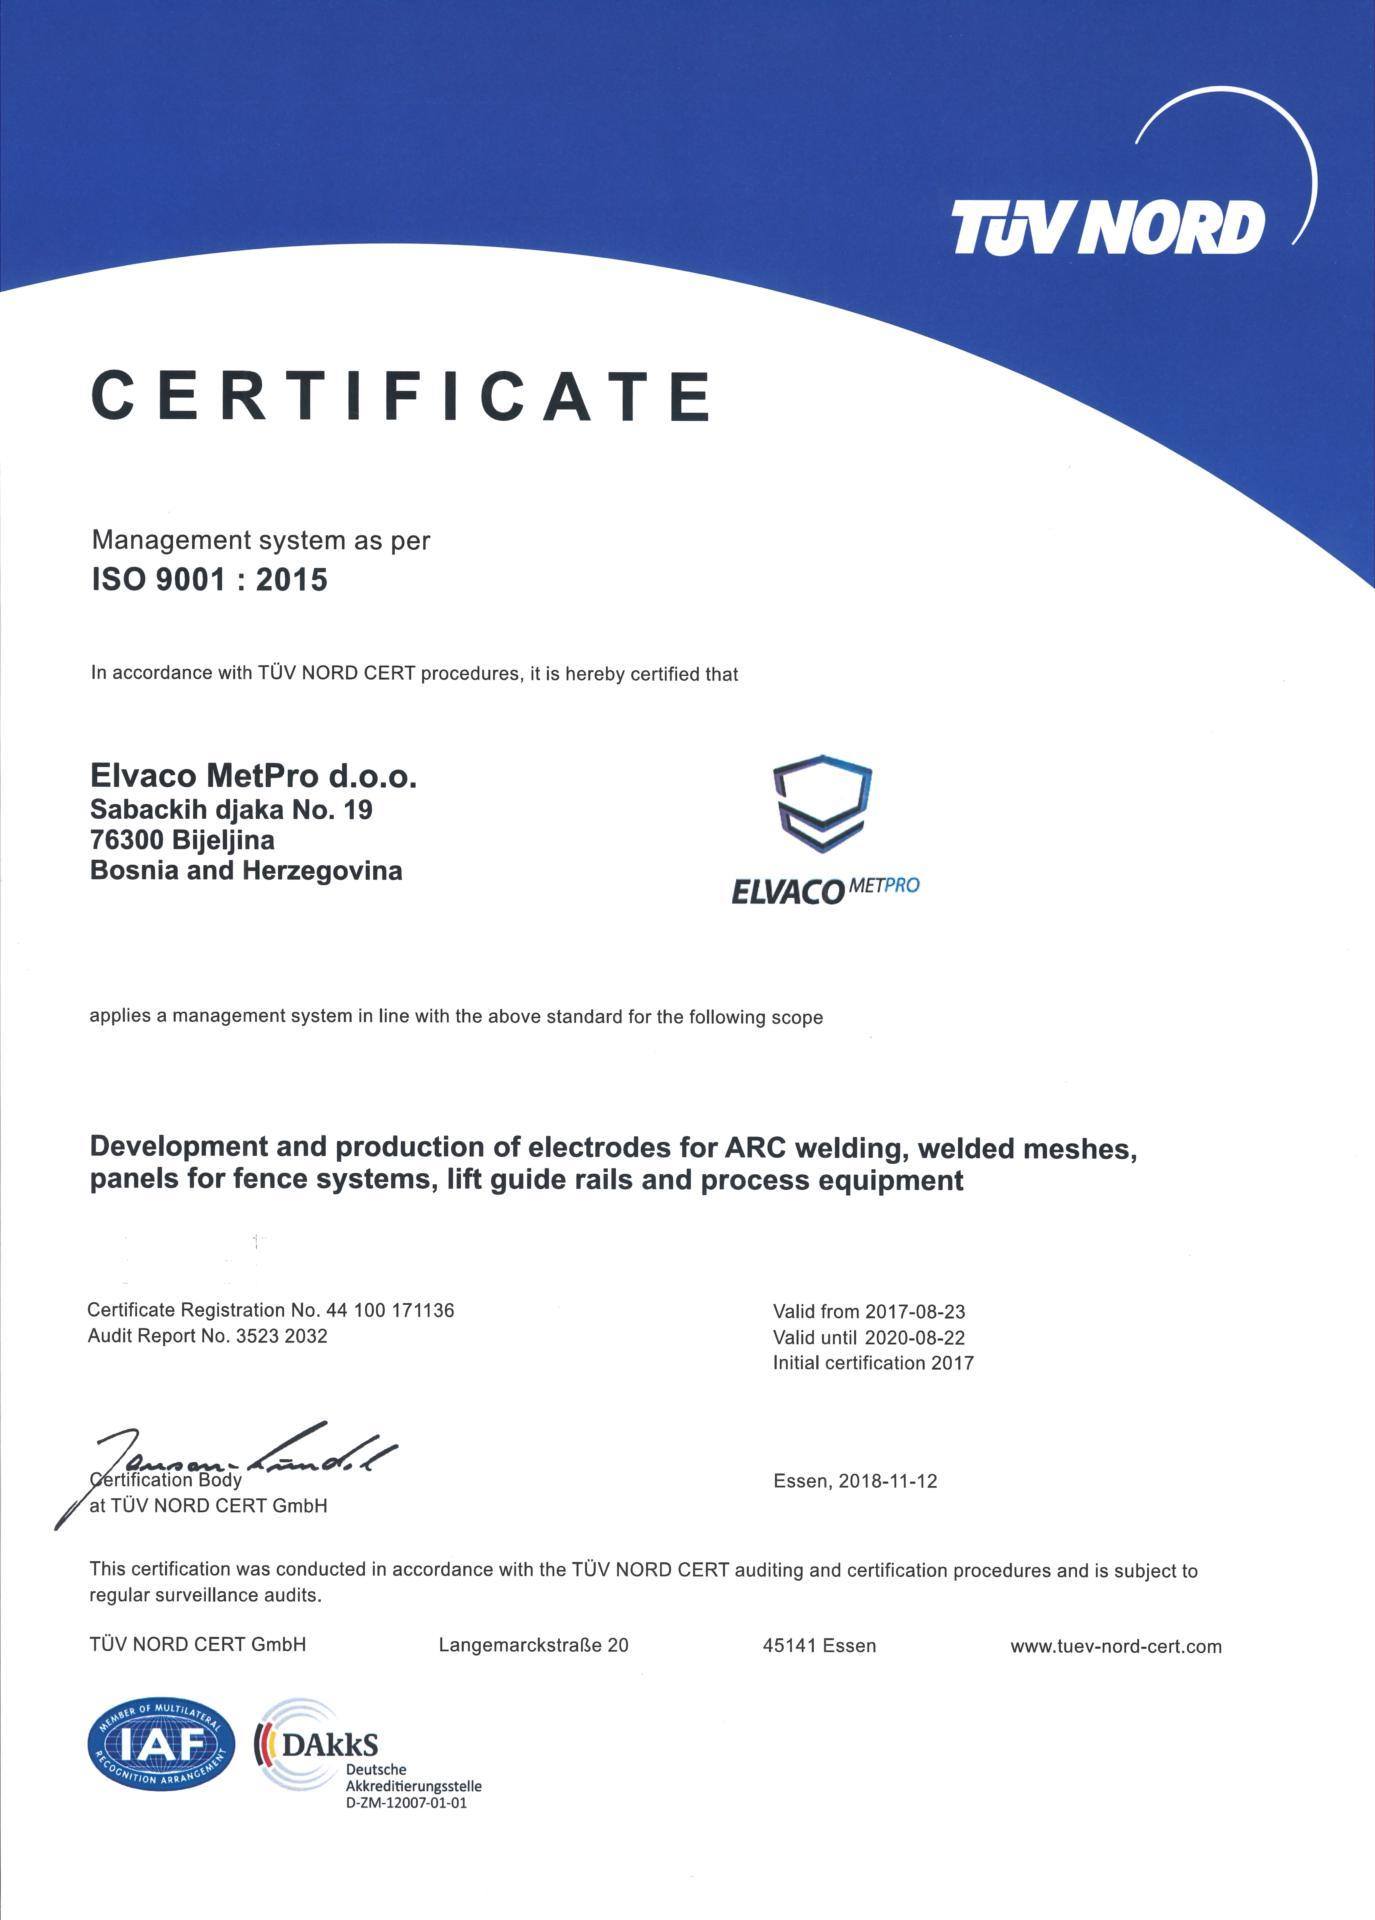 Elvaco MetPro certificate ISO 9001: 2015